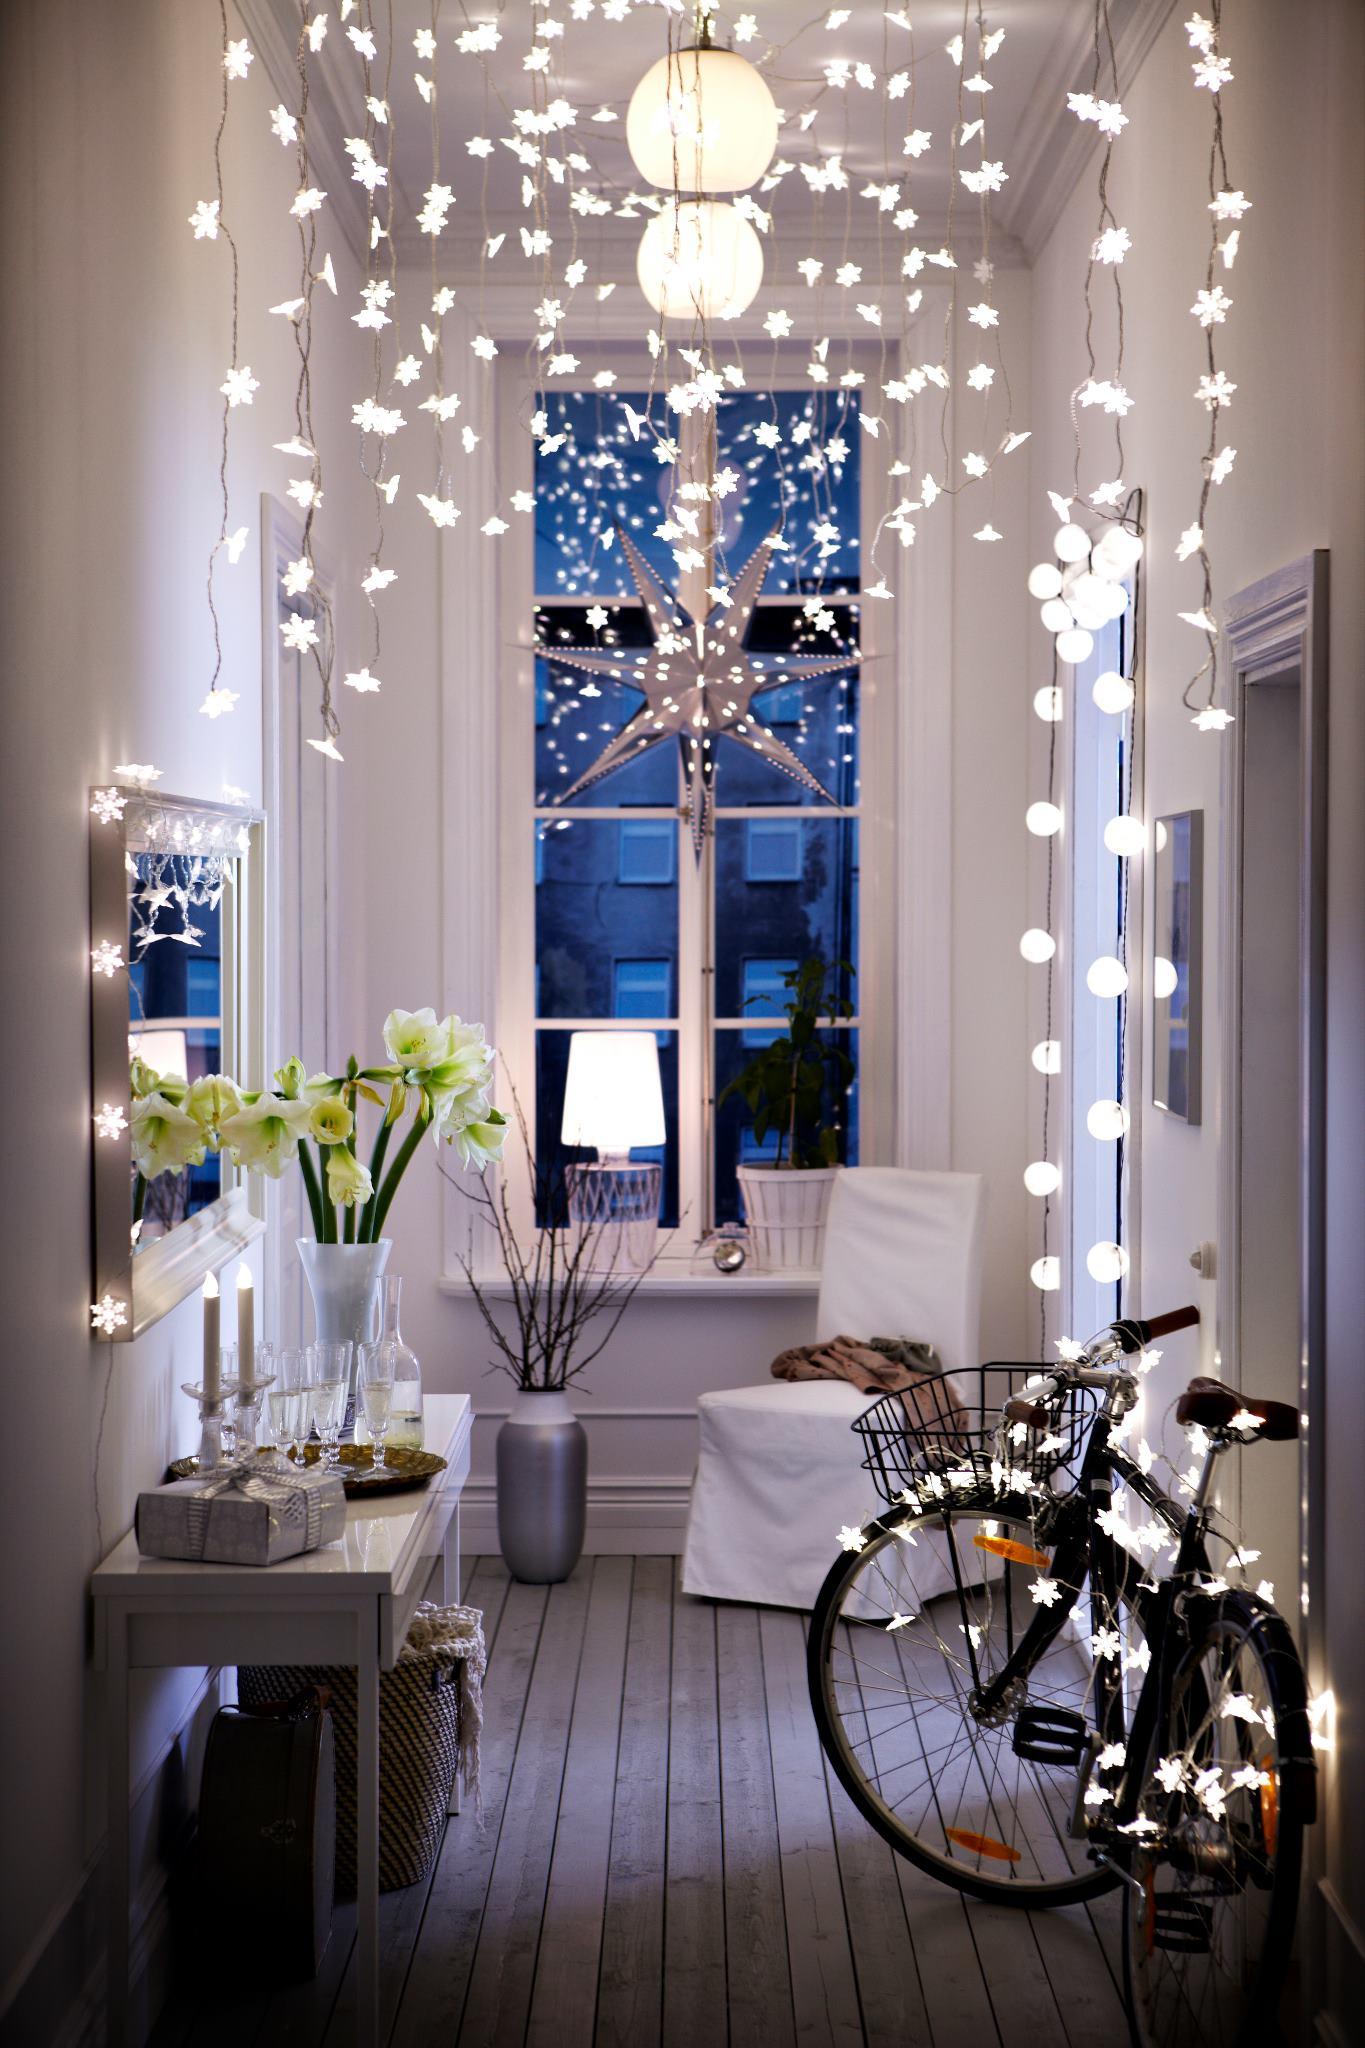 Декор квартиры к новому году своими руками фото